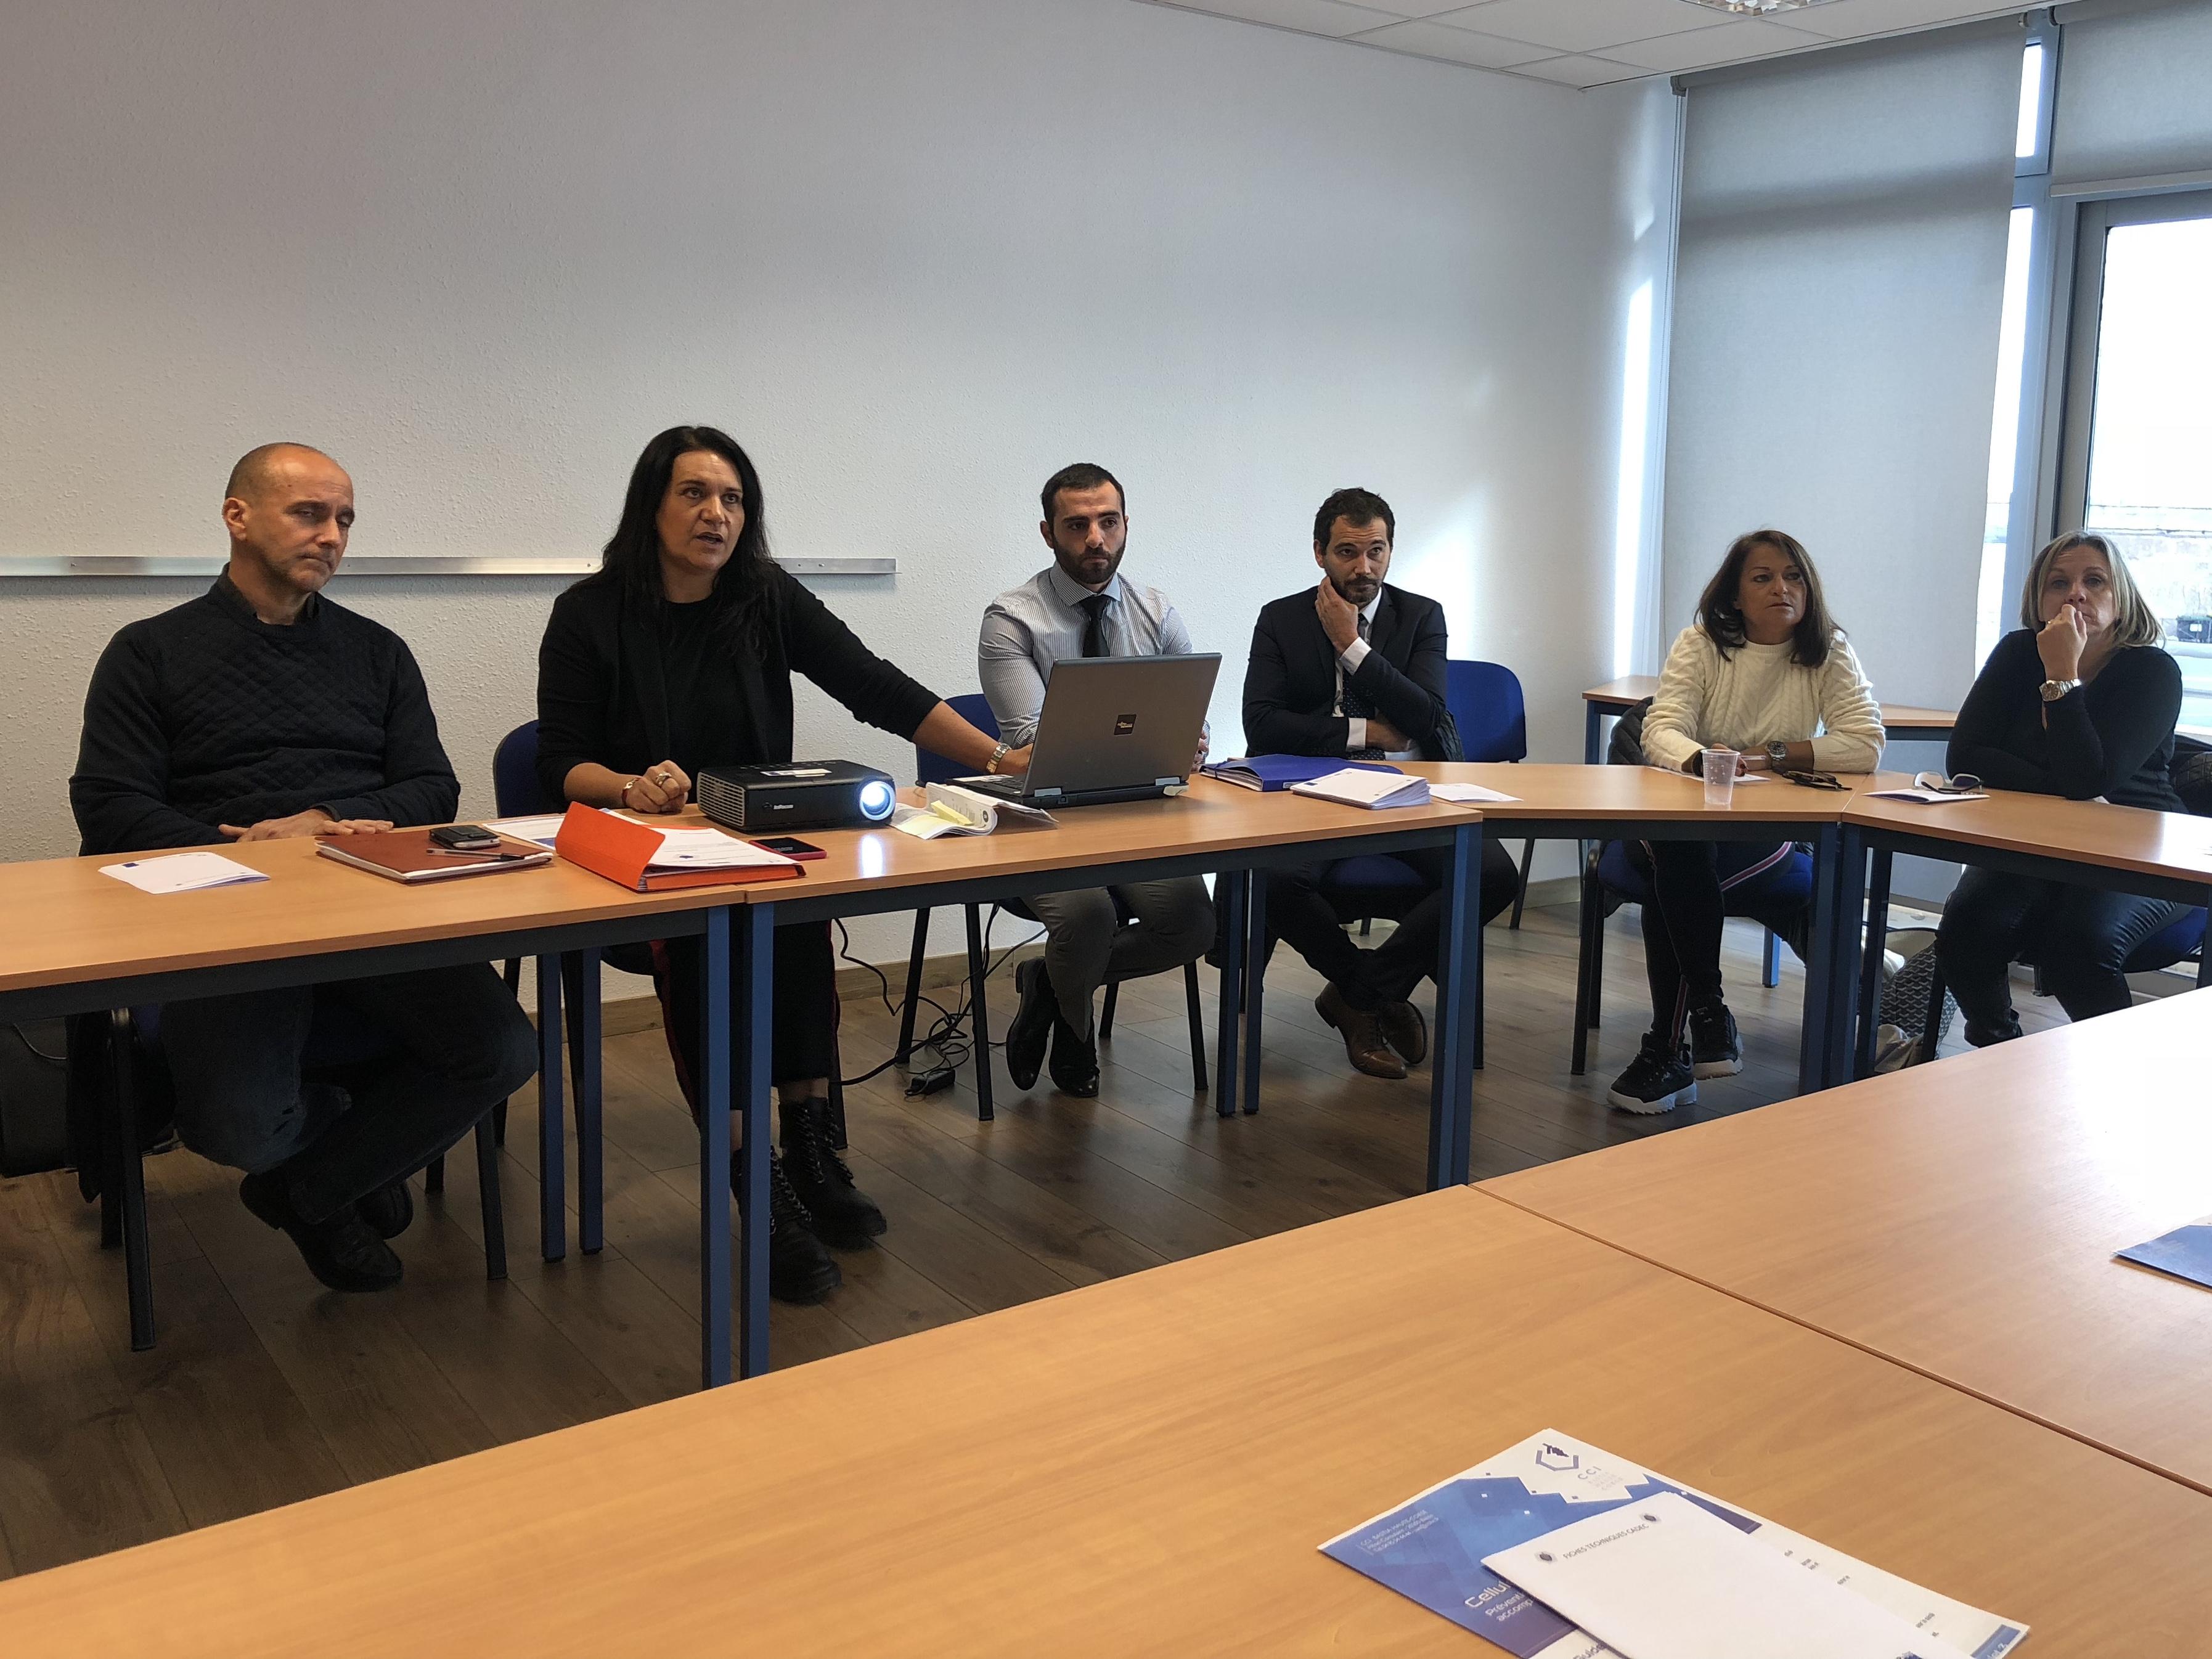 Ile Rousse : Les entreprises à la rencontre des organismes consulaires pour prévenir les difficultés